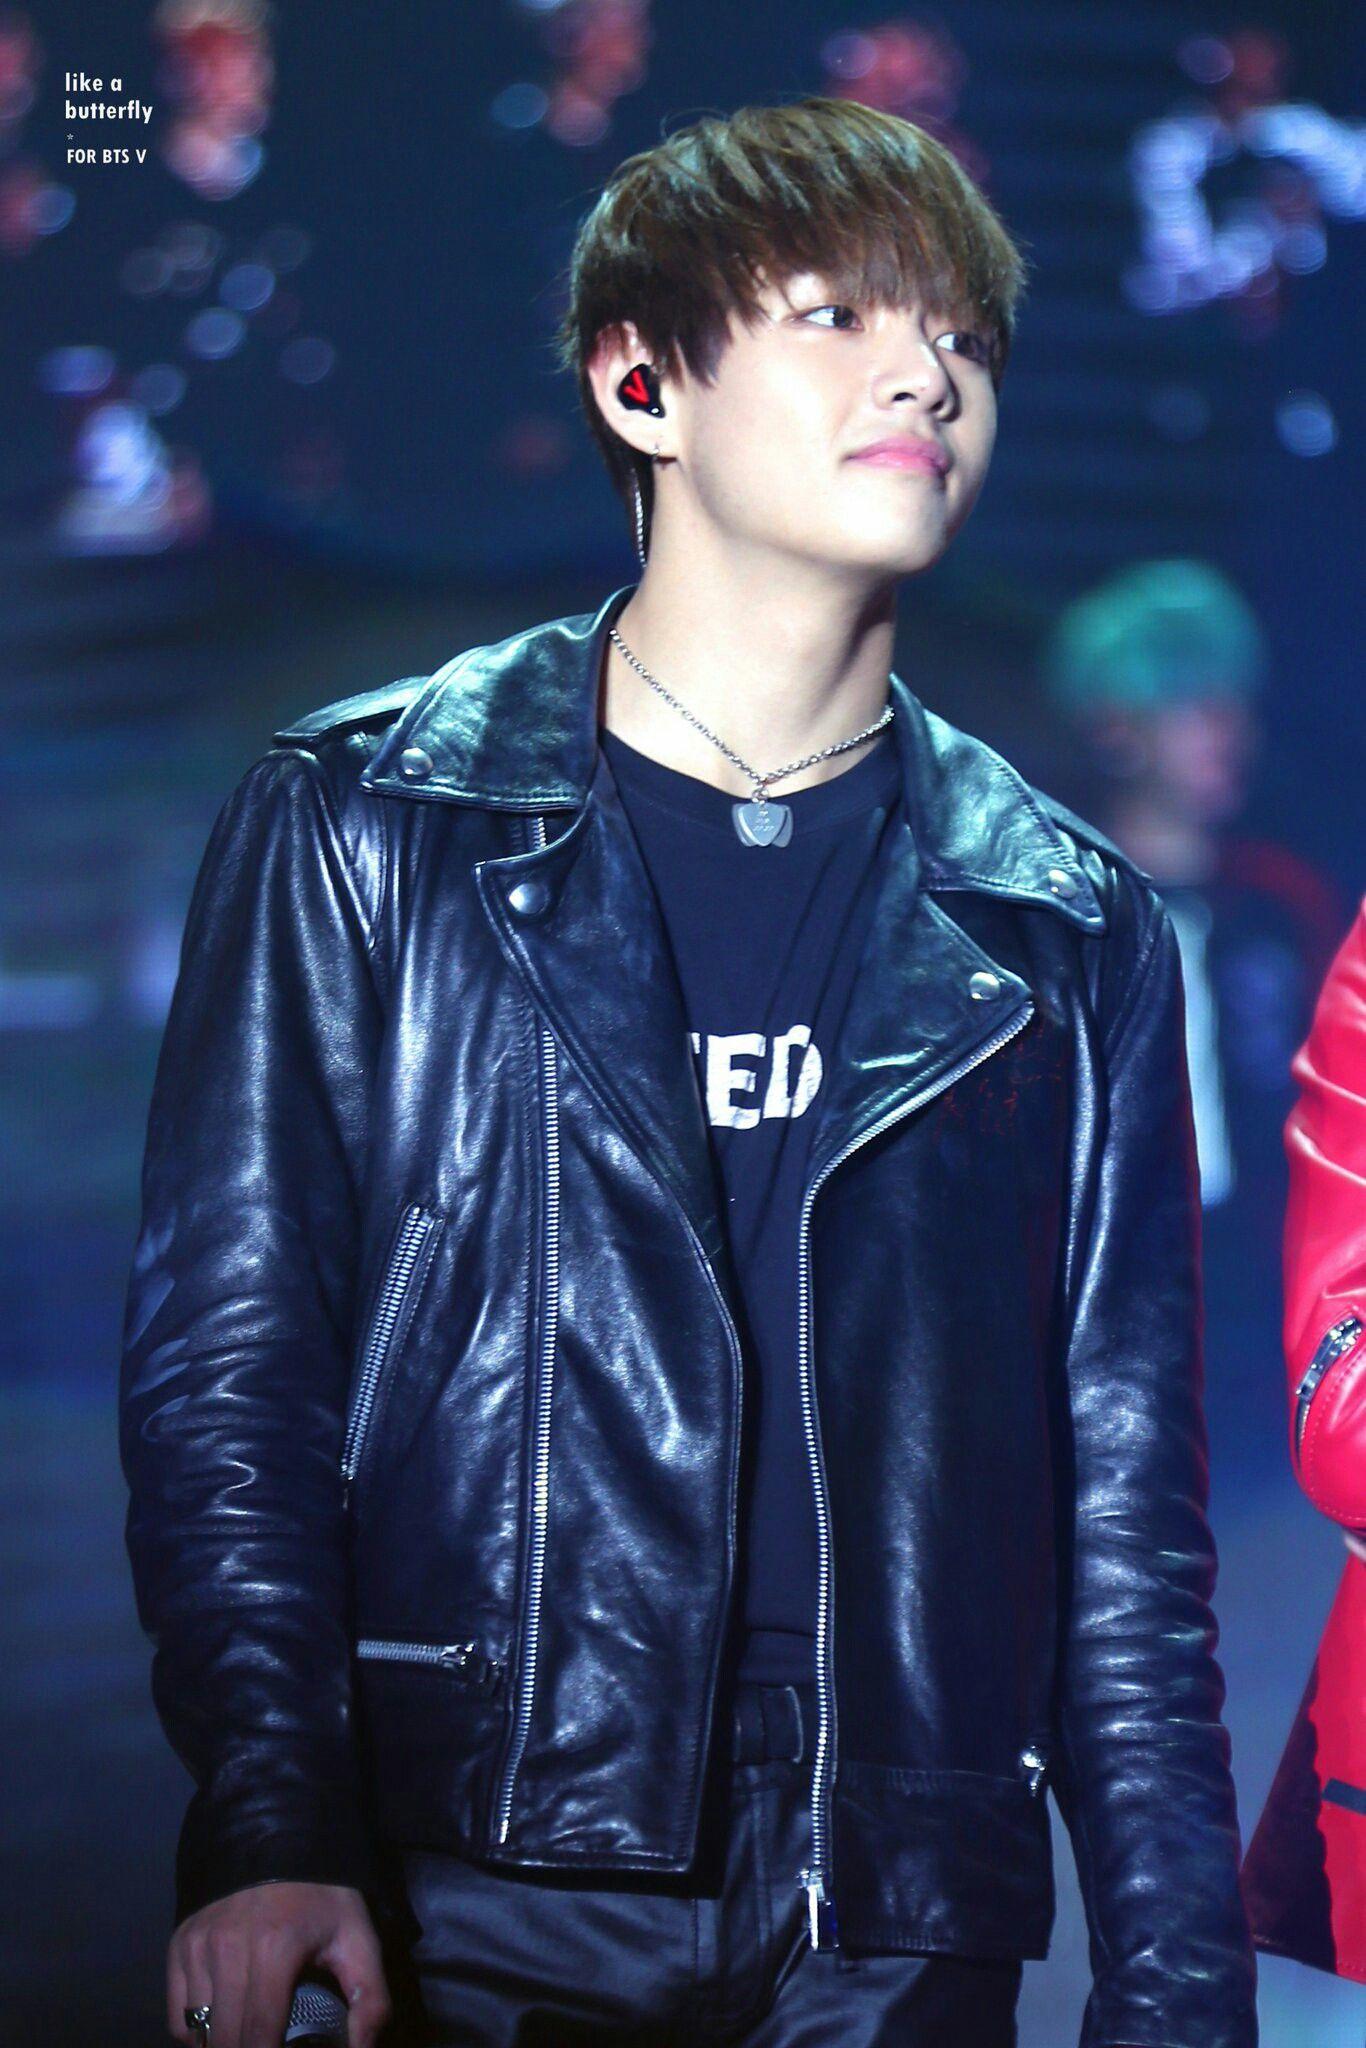 Pin By Lovelyluxy On Kim Taehyun Bts Leather Jacket Trending Photos Jackets [ 2048 x 1366 Pixel ]